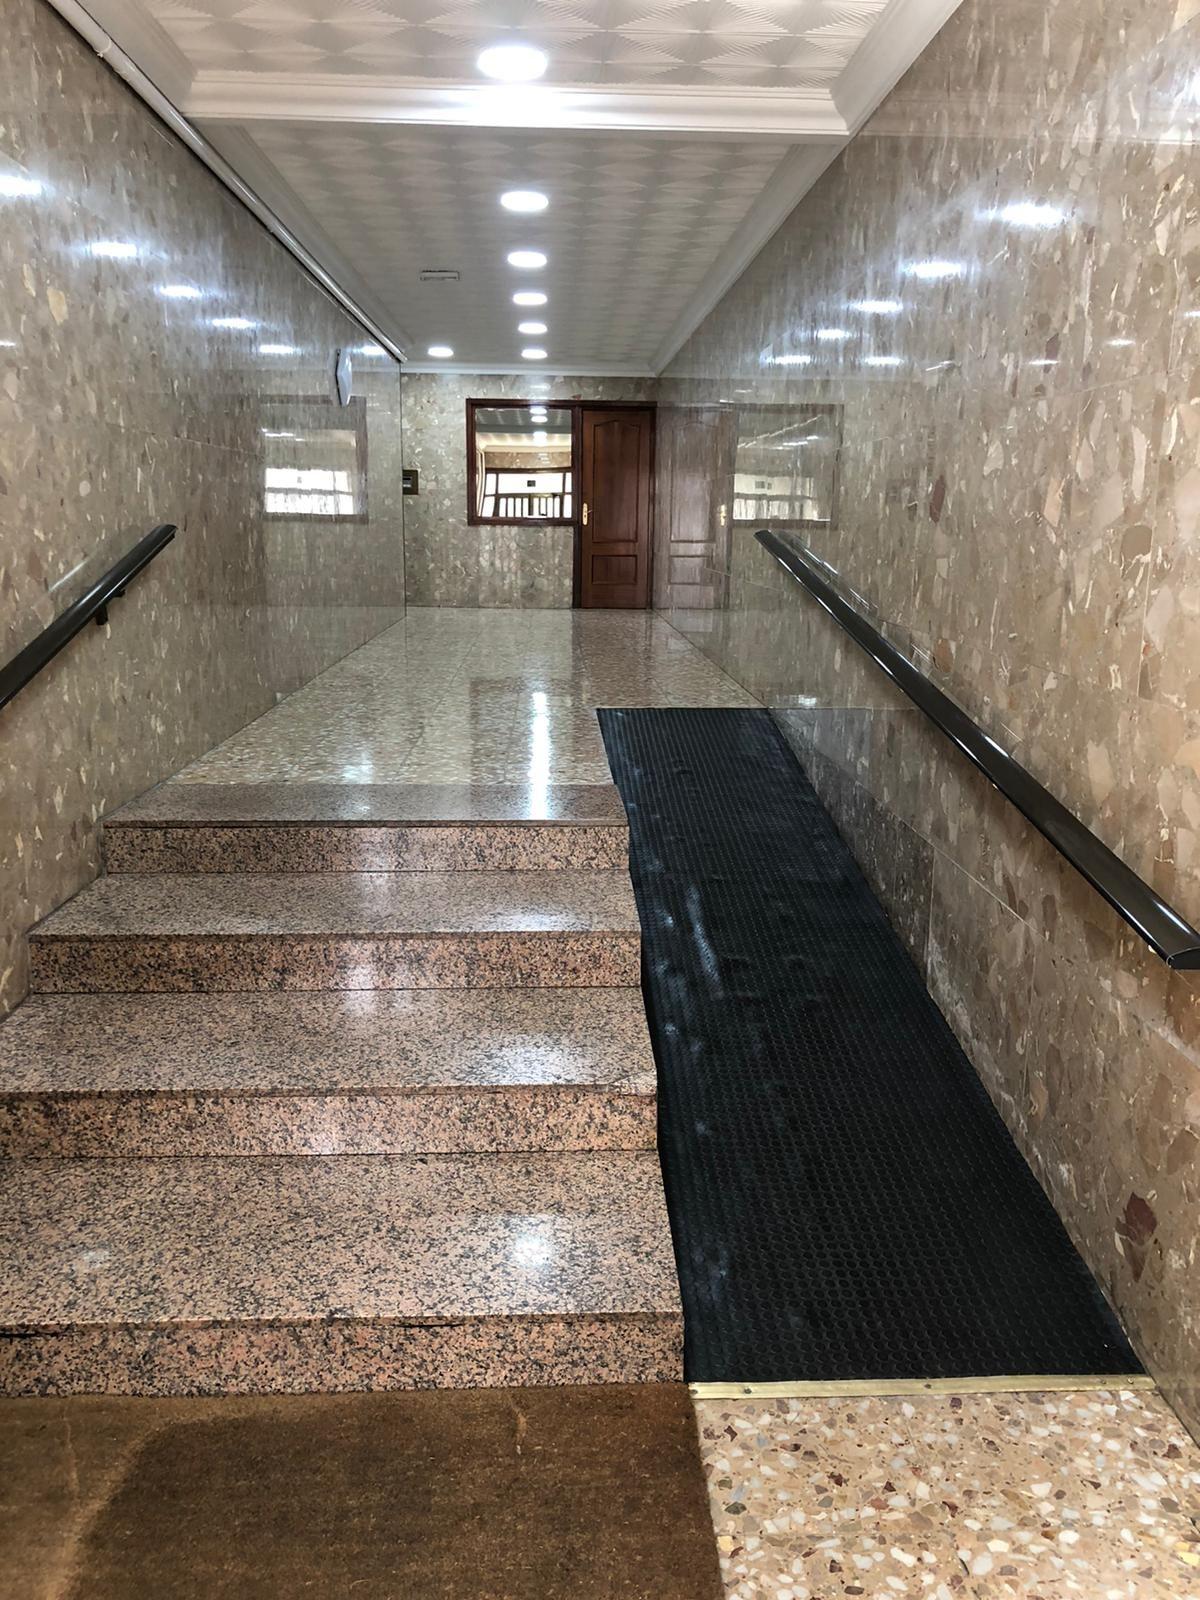 Piso en venta en Puertollano, Ciudad Real, Calle Gran Capitan, 70.000 €, 3 habitaciones, 1 baño, 120 m2